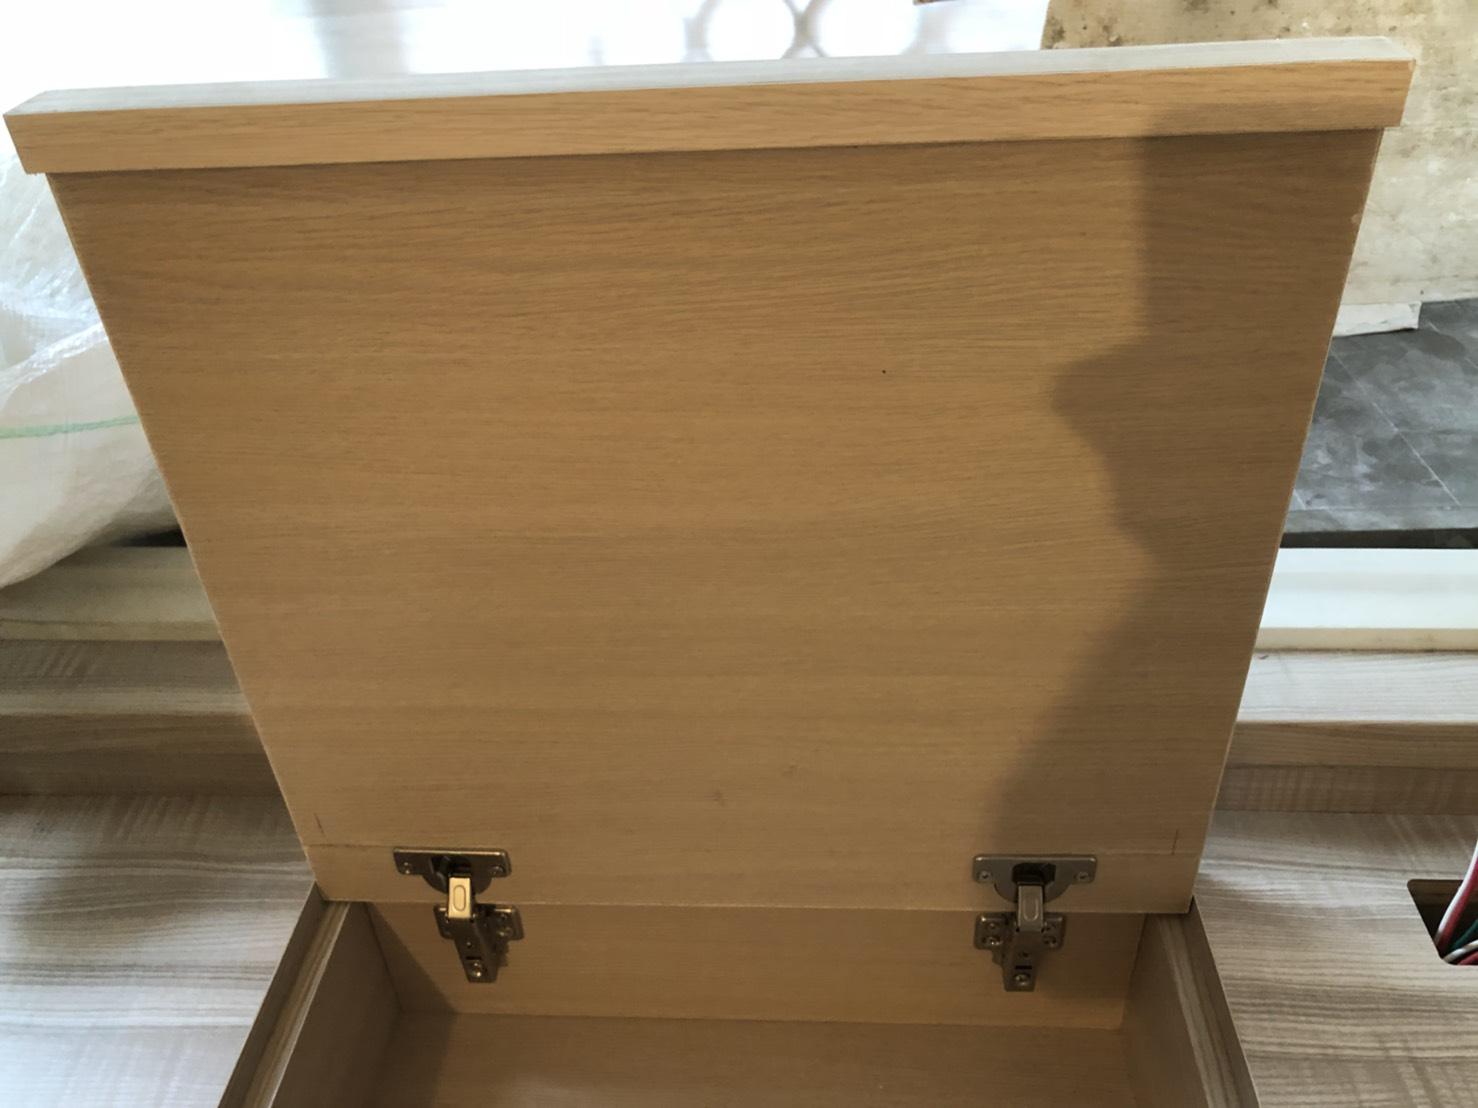 台北市住家室內裝潢衣櫃系統櫃木工 (13)